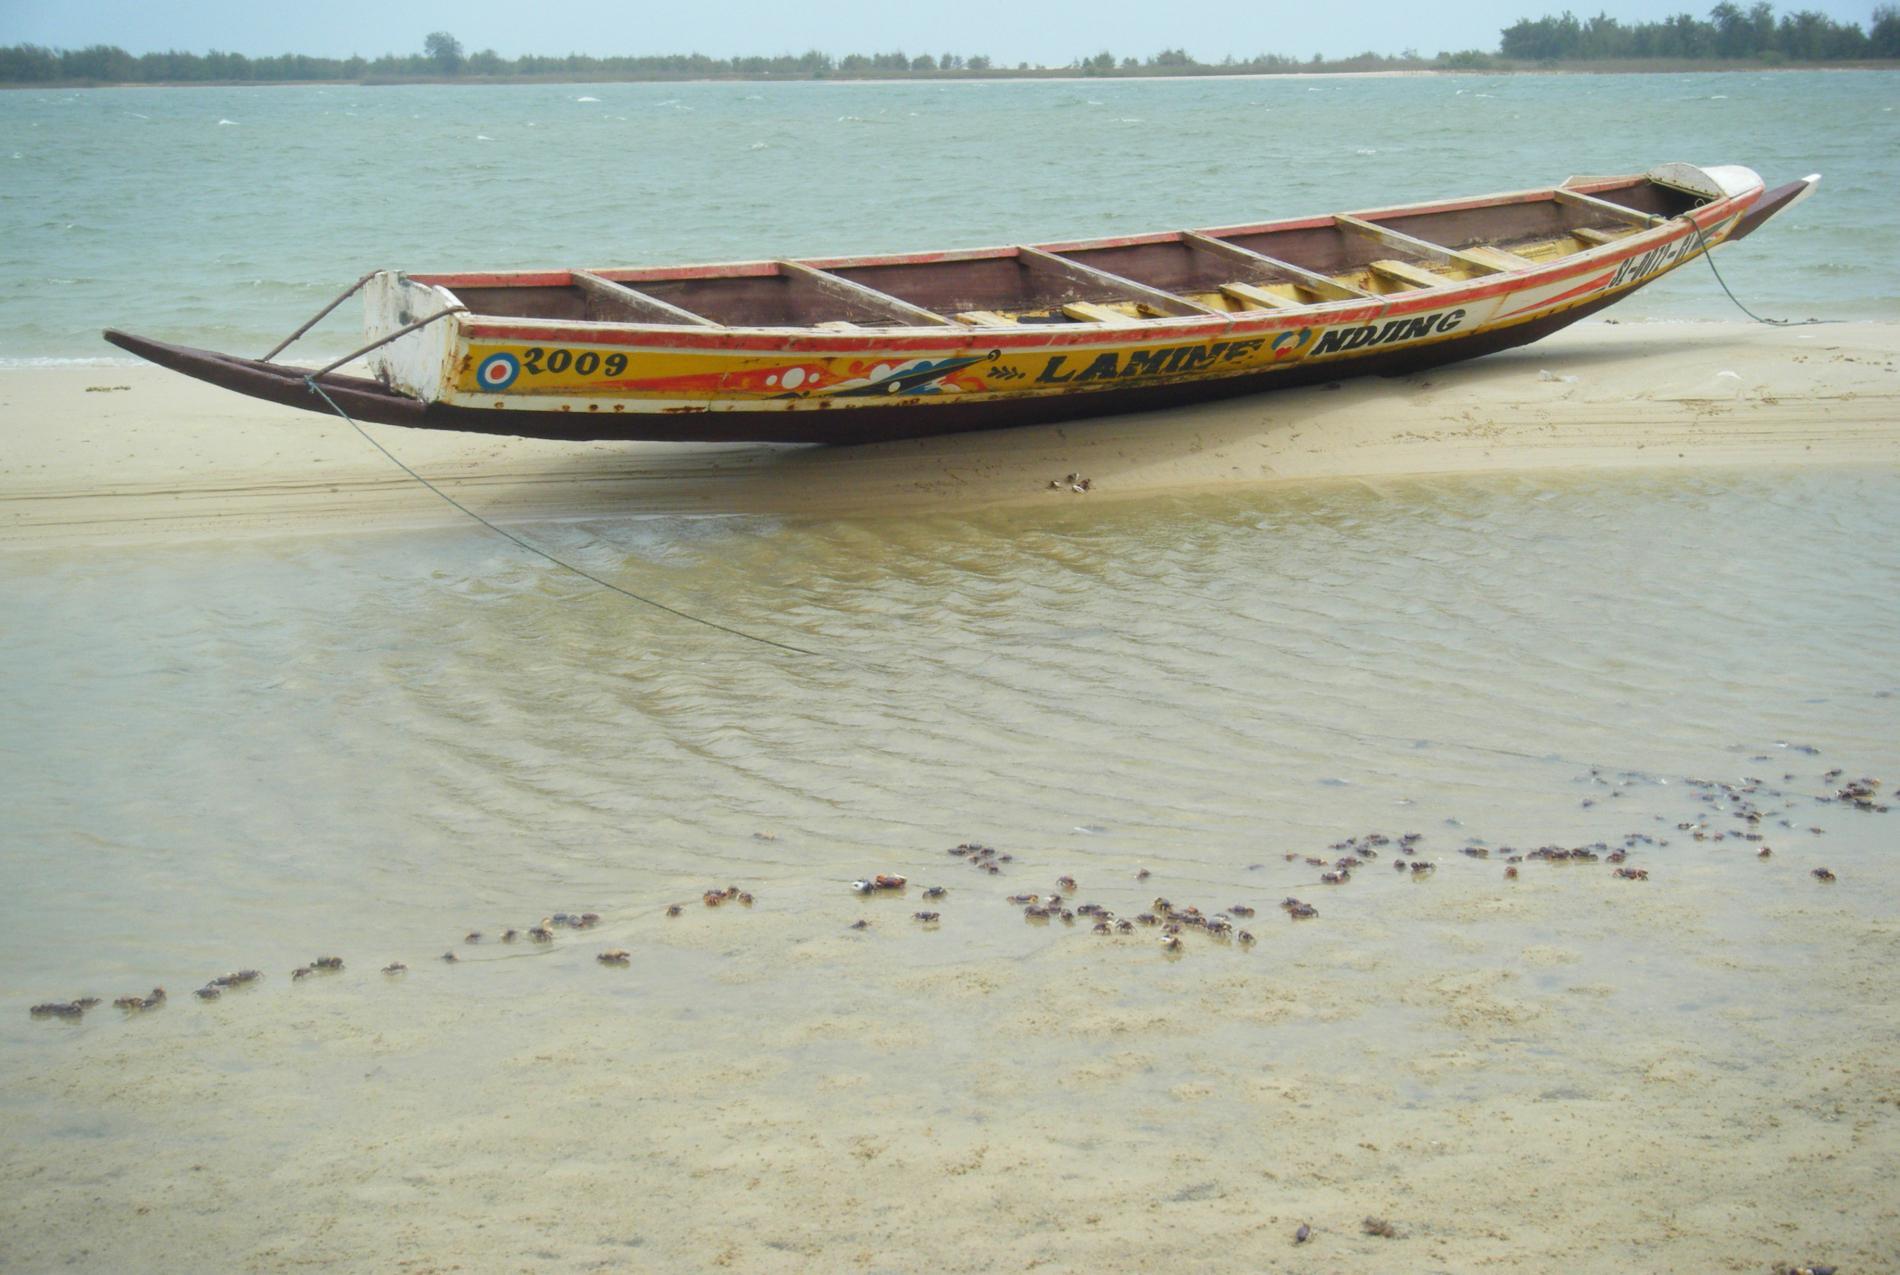 Voyage solidaire Sénégal : Vision du Monde - Photo 4